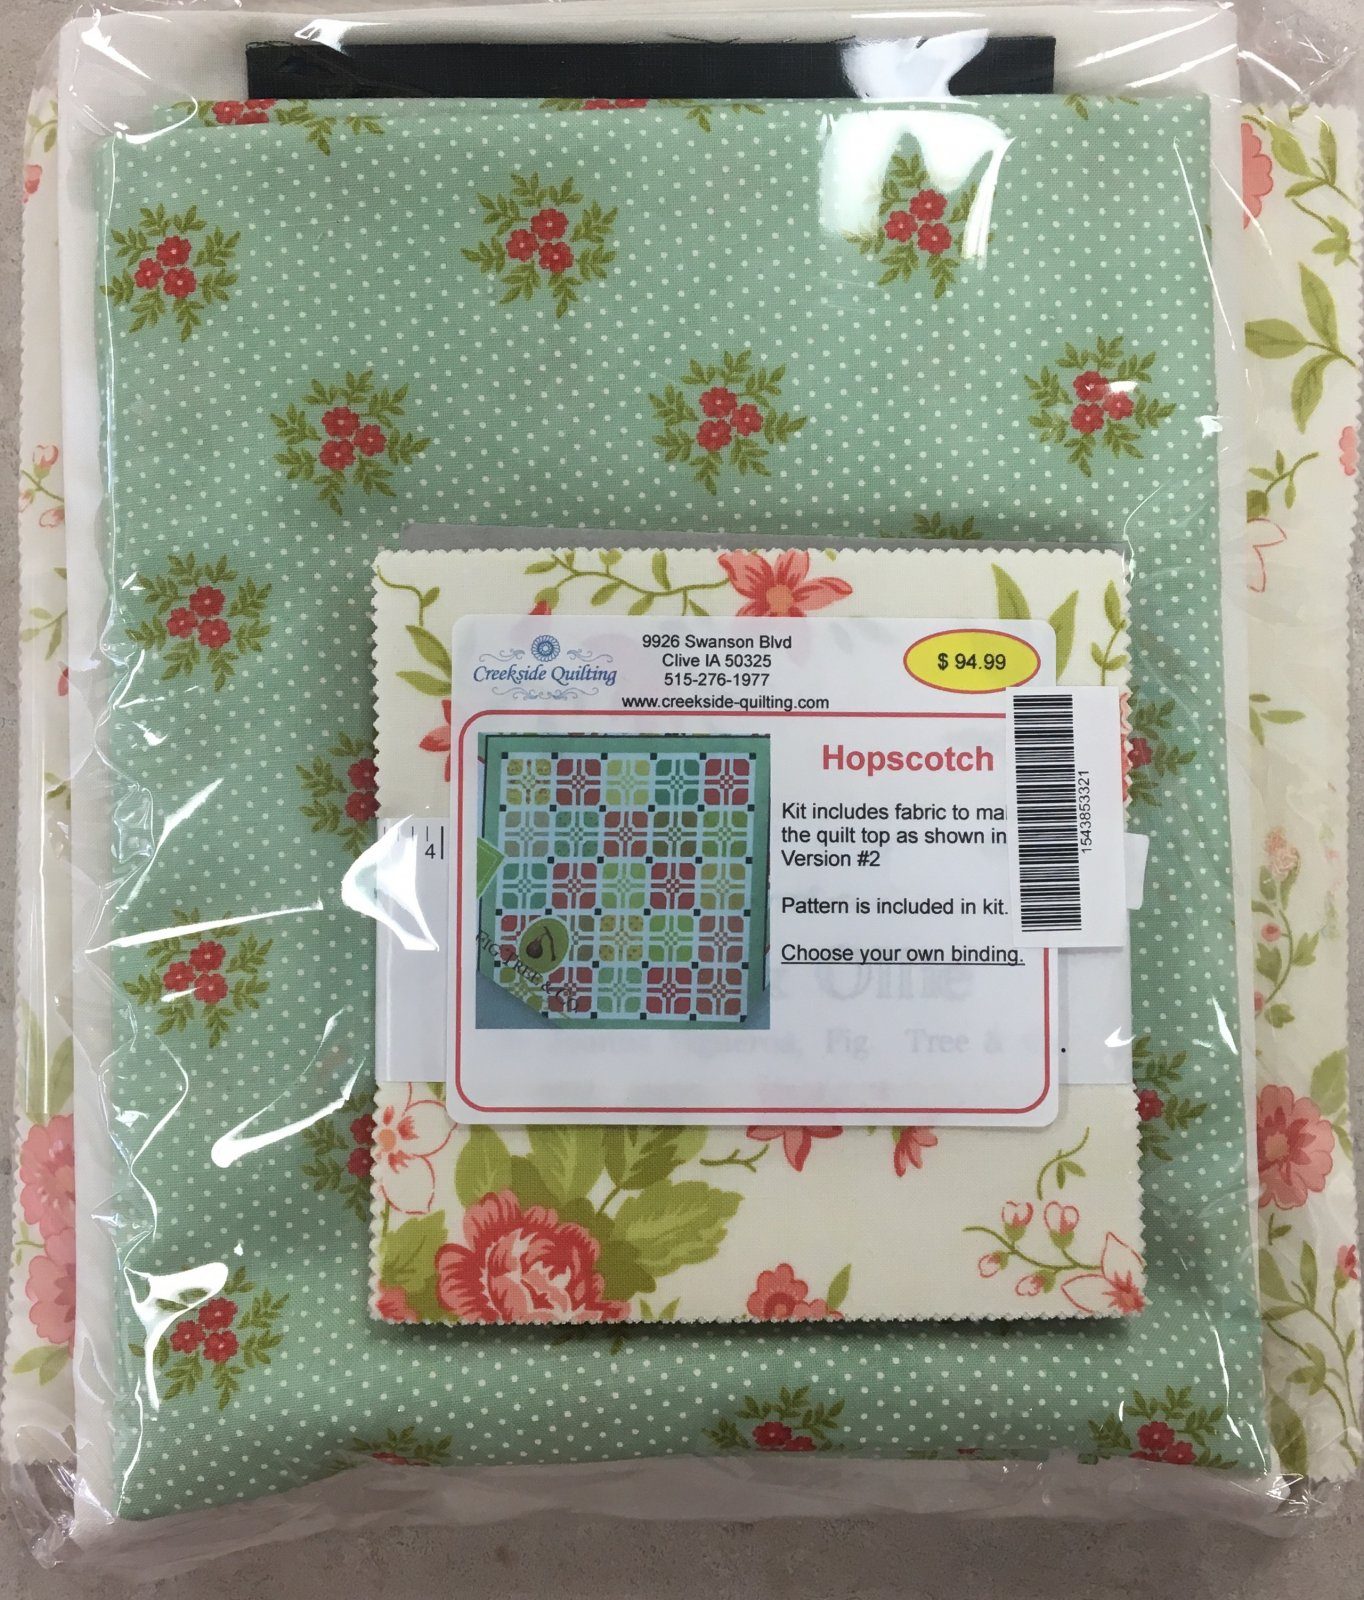 Hopscotch Kit